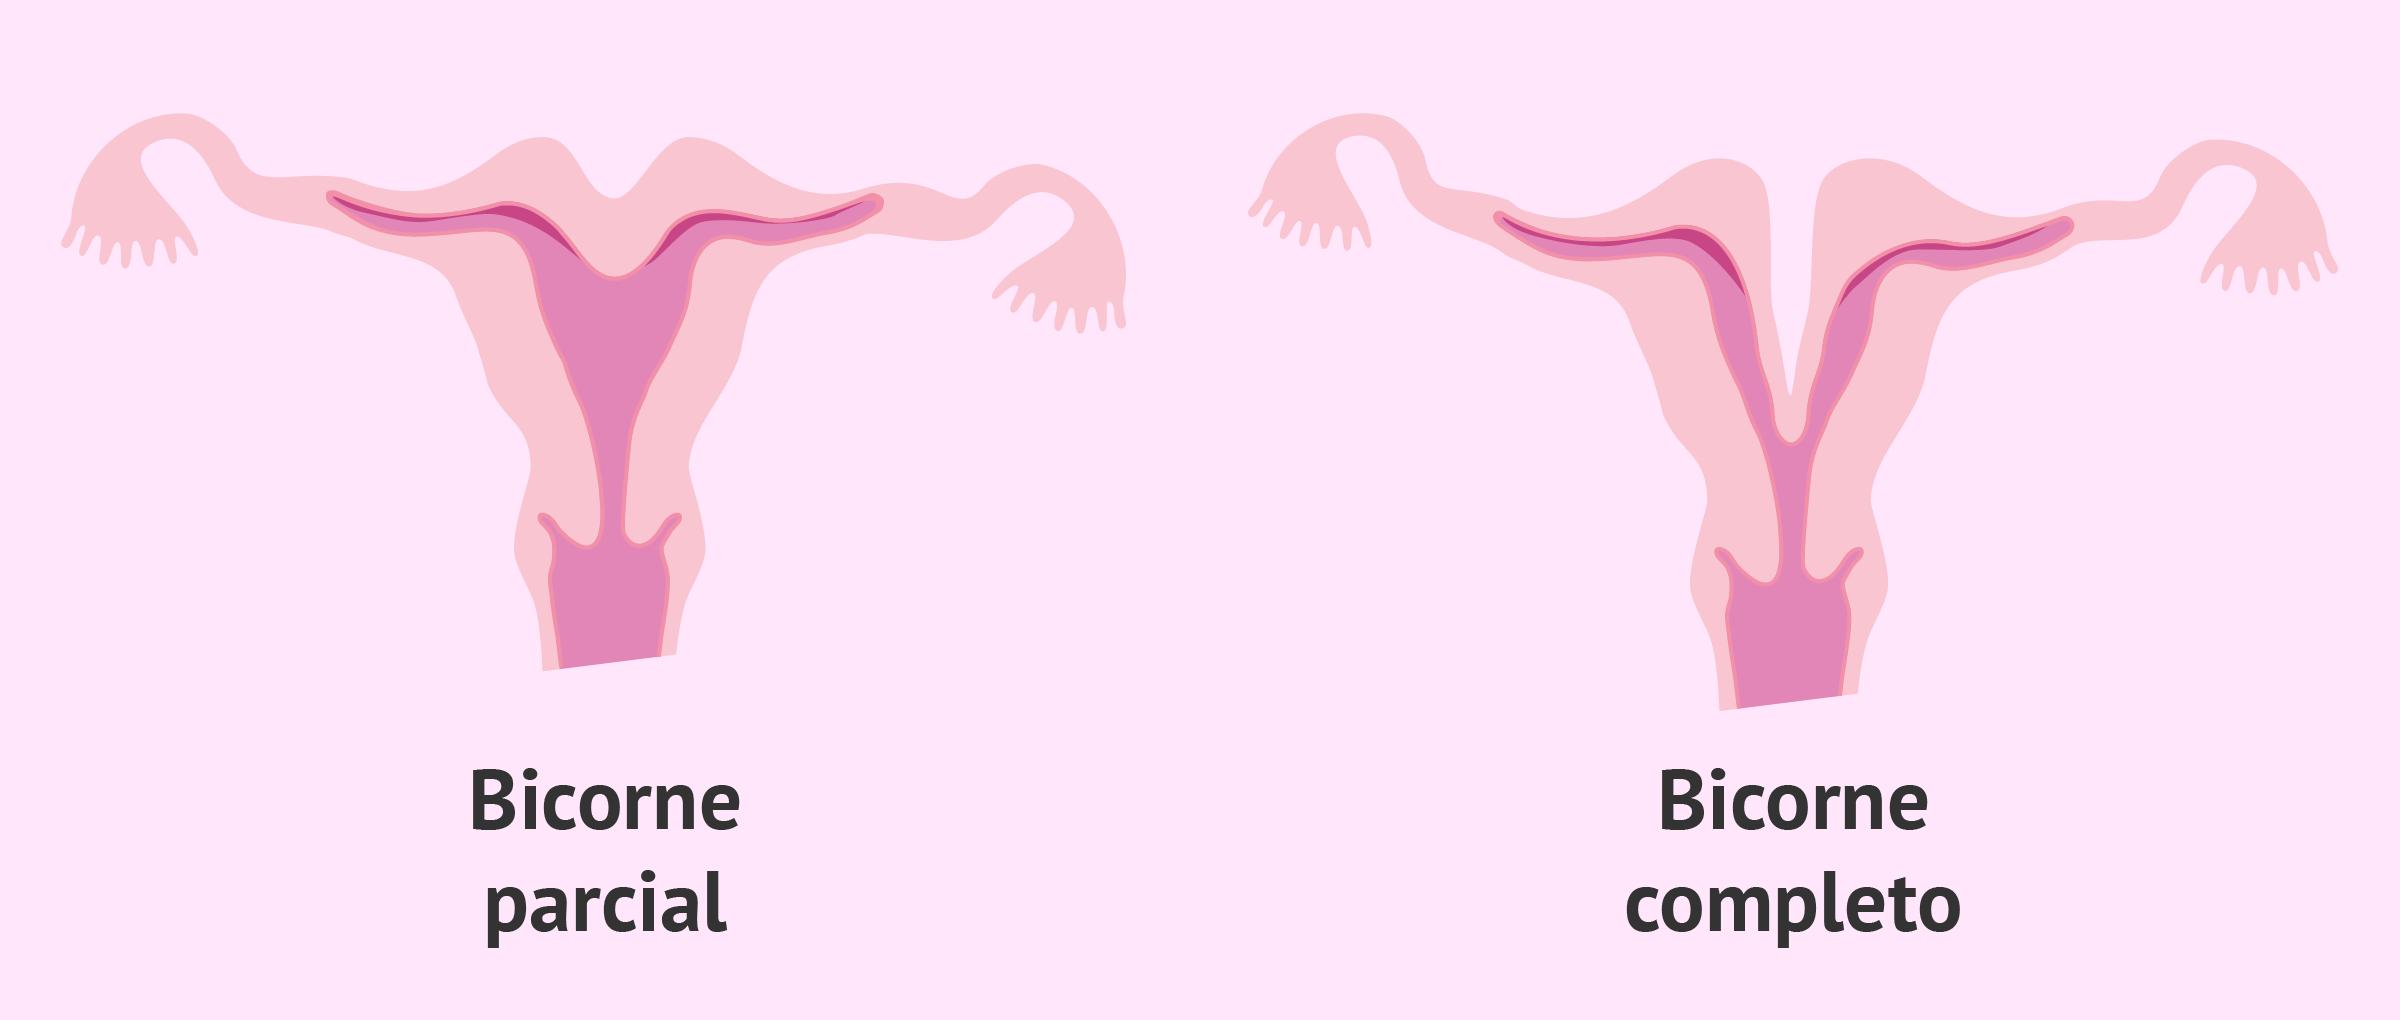 Tipos de útero bicorne